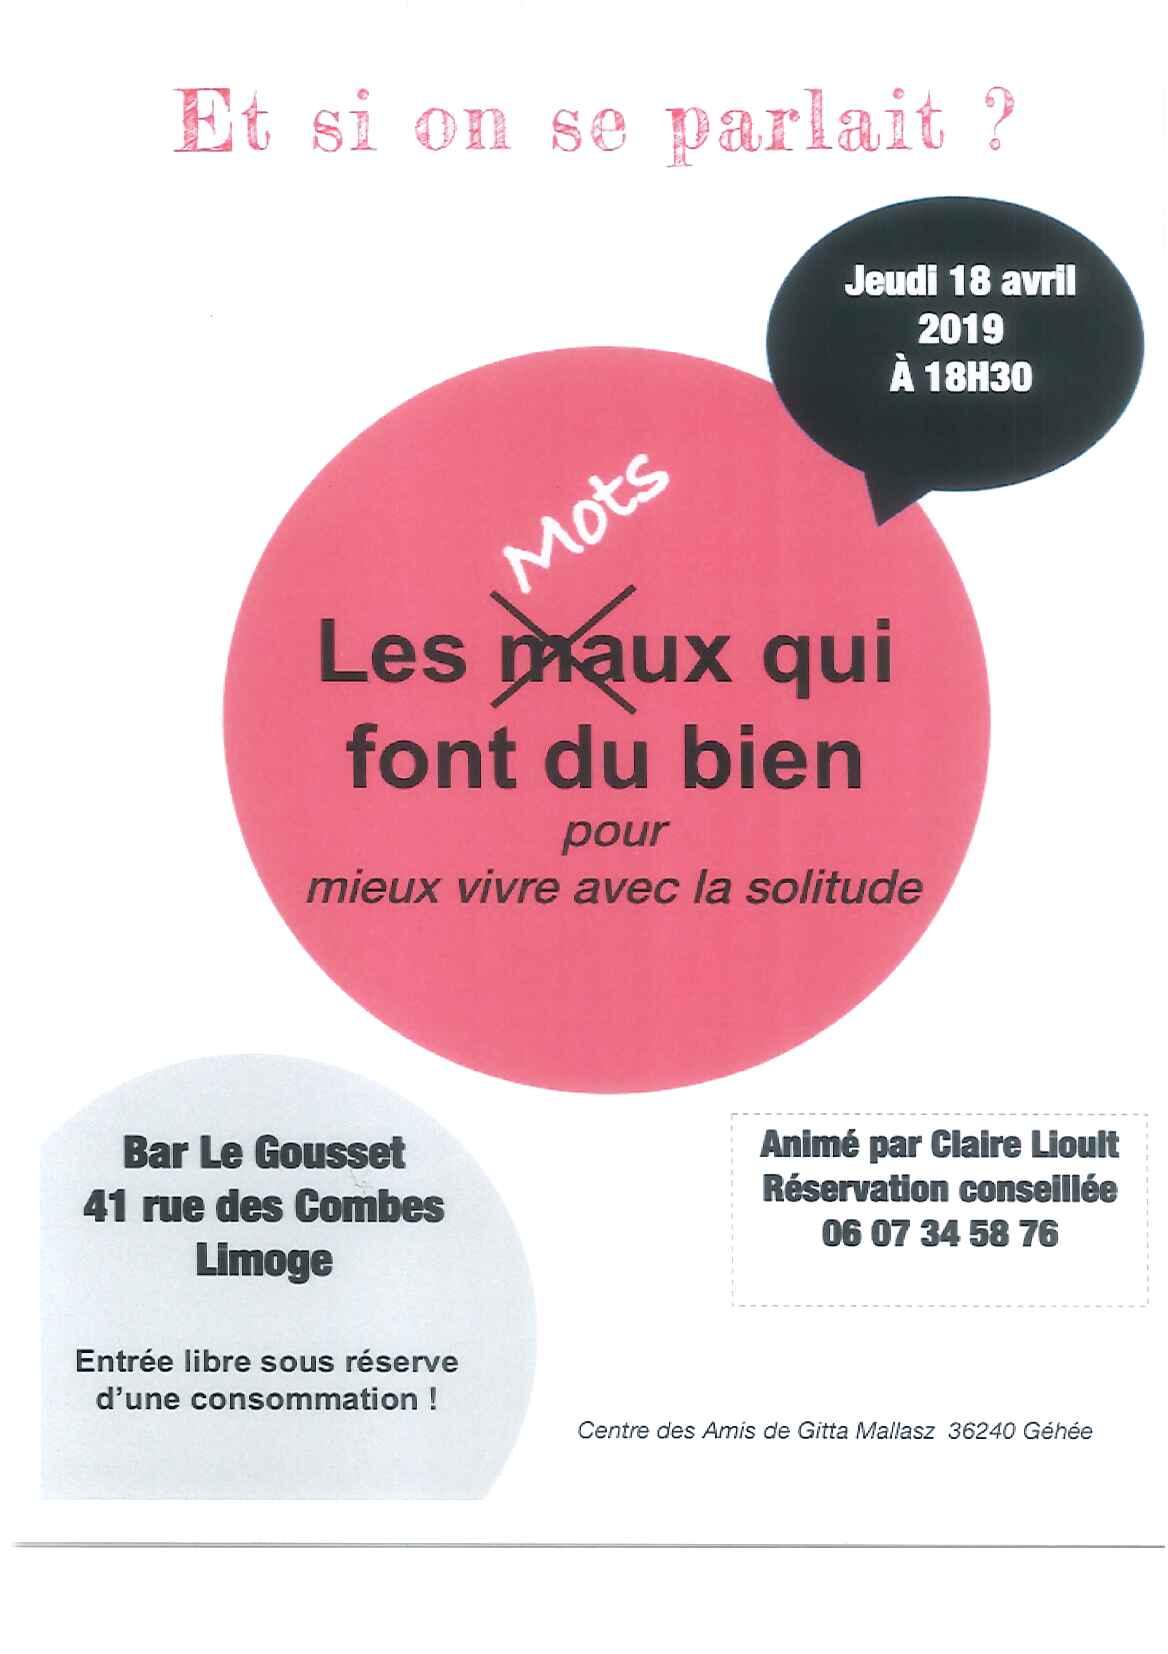 Limoges : Apéritif-rencontre : Les mots qui font du bien